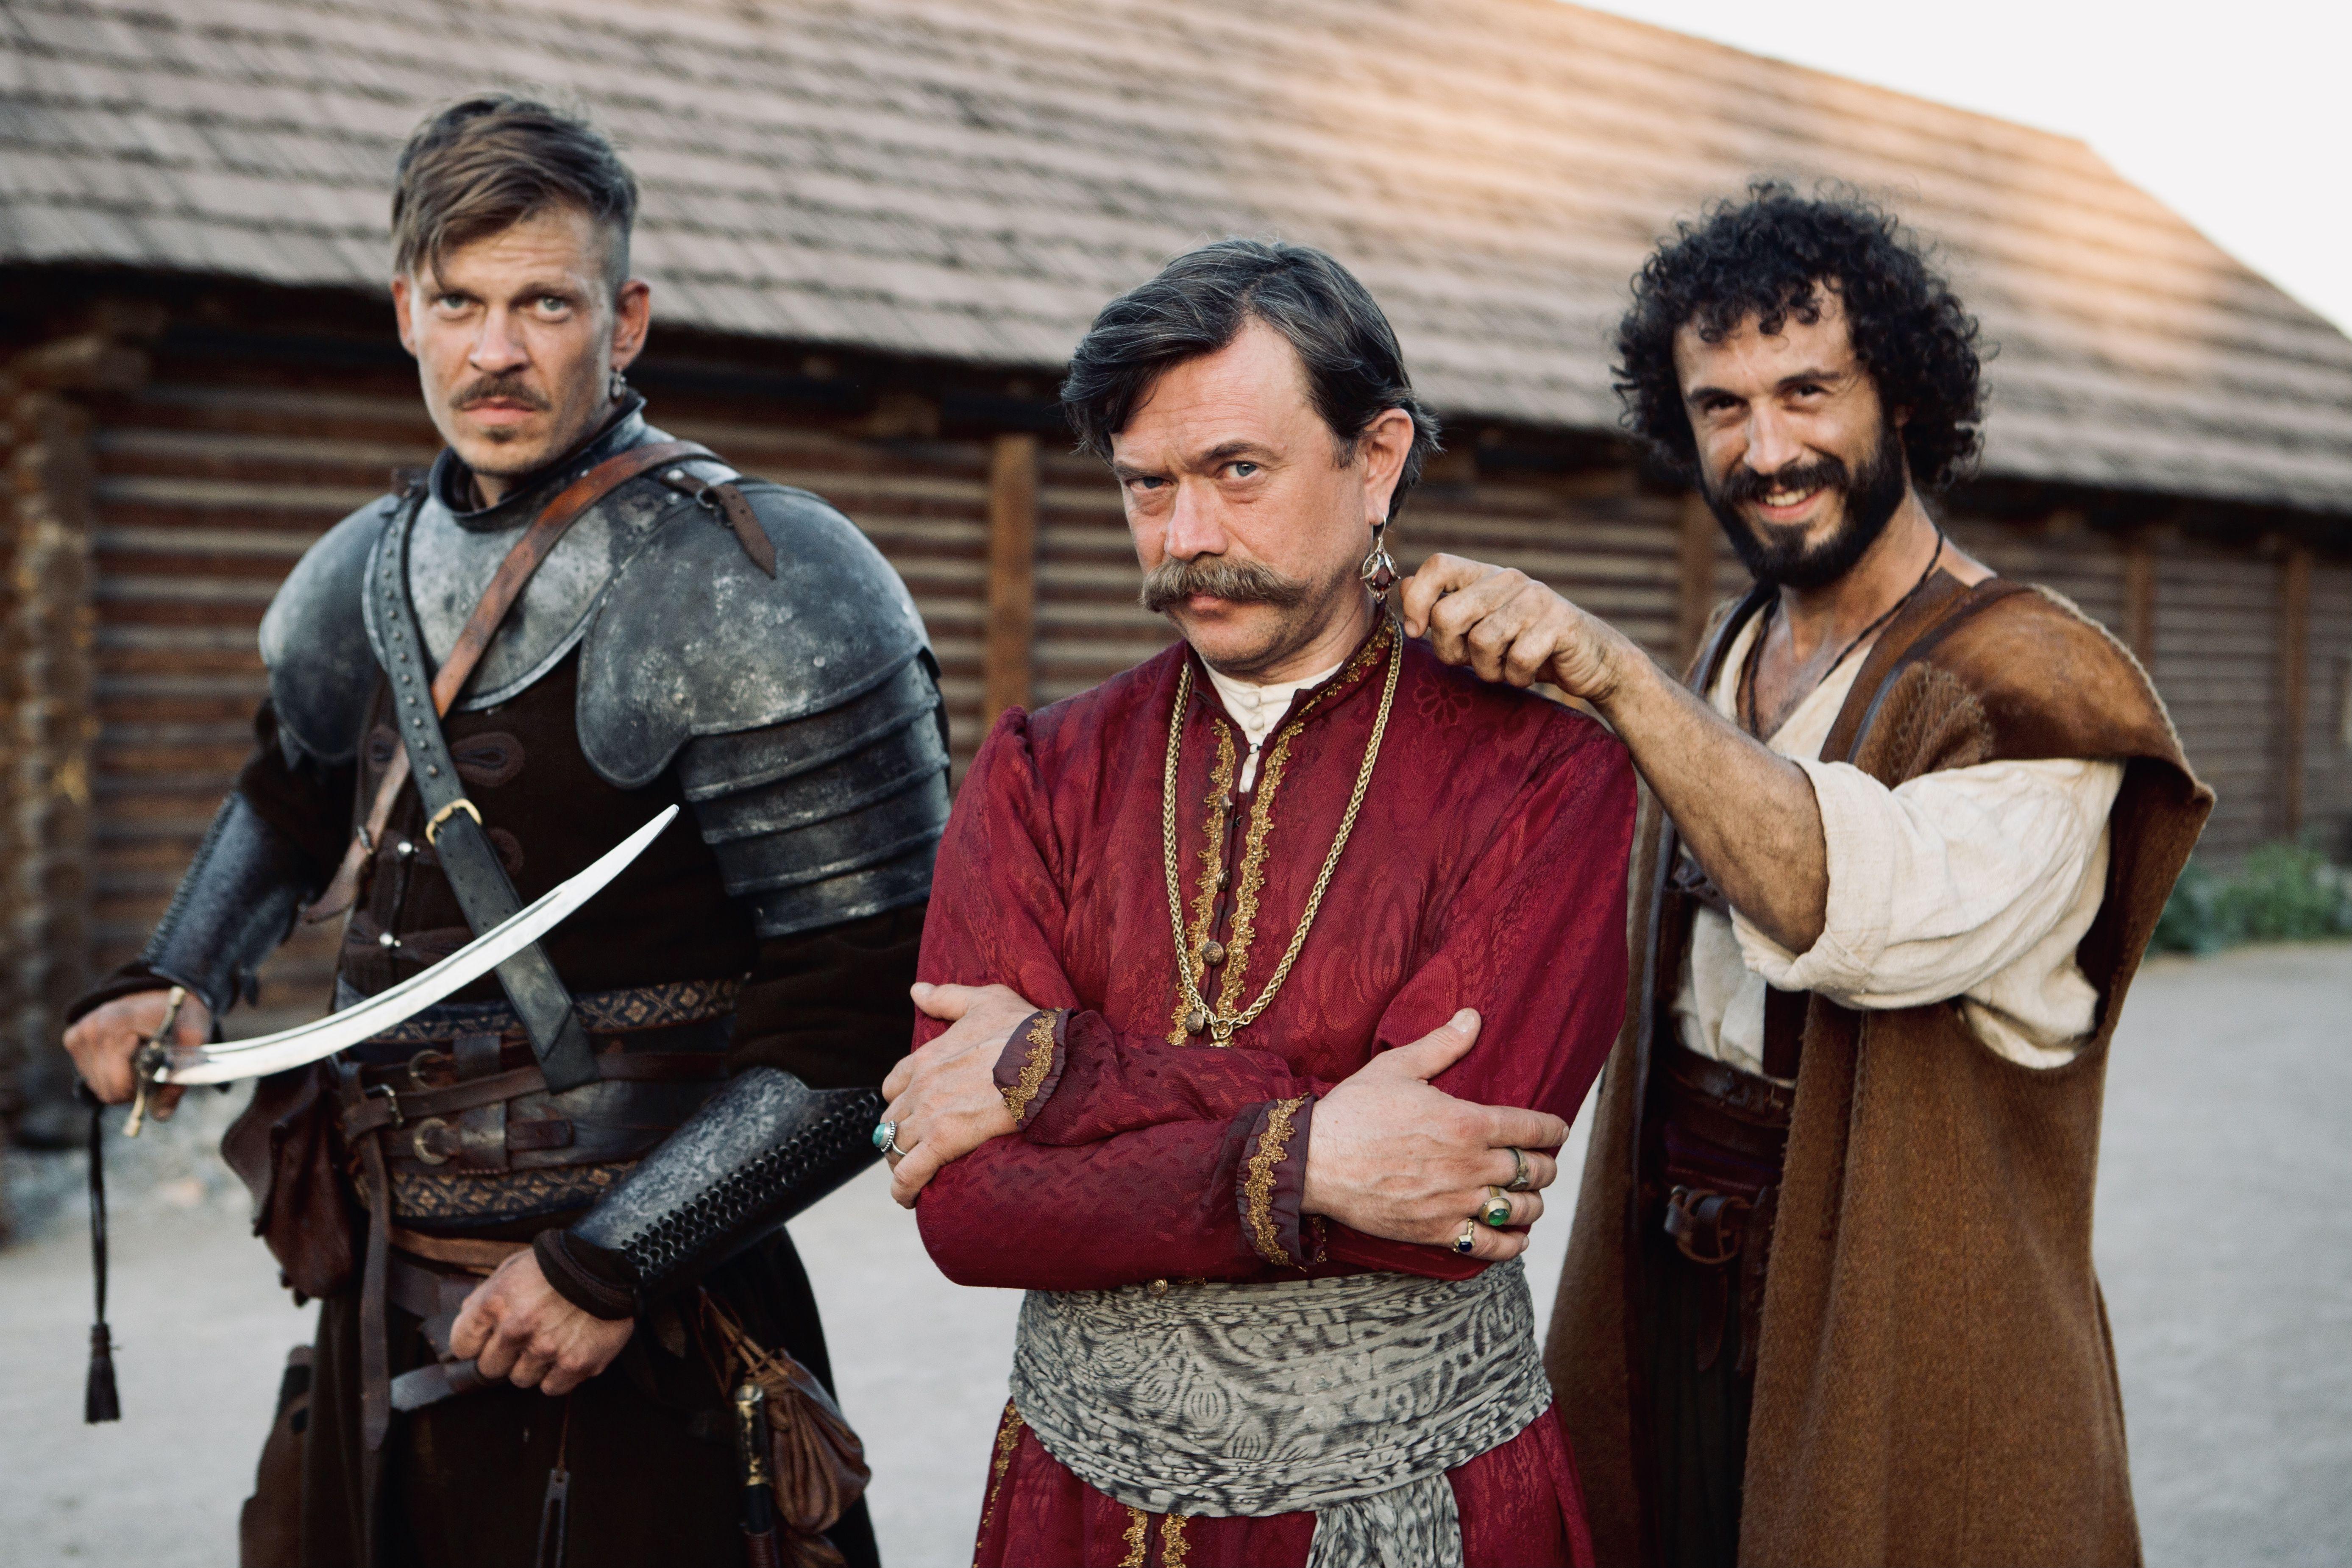 Комедійний серіал від ICTV «Козаки. Абсолютно брехлива історія» покажуть у кінотеатрах